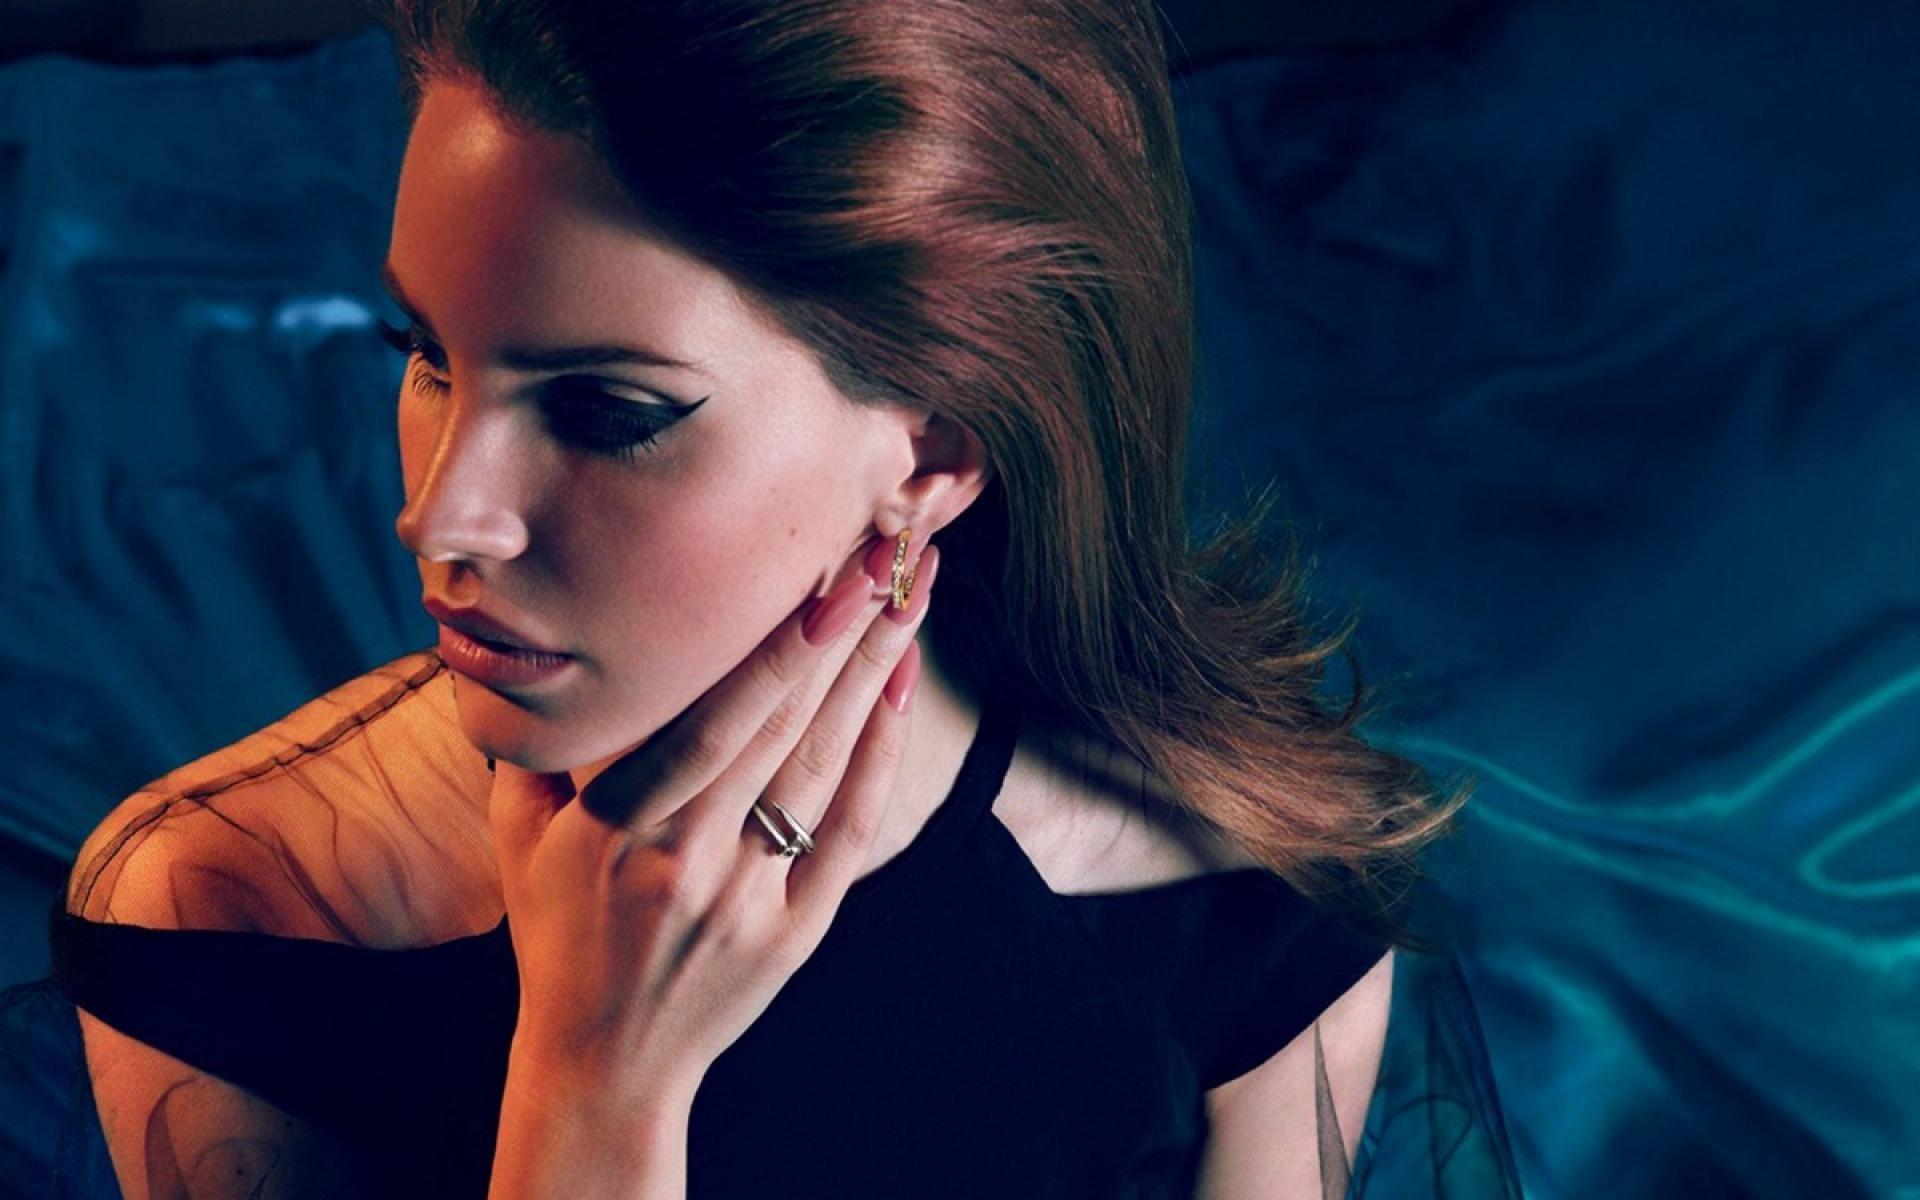 Lana Del Rey Wallpaper Hd